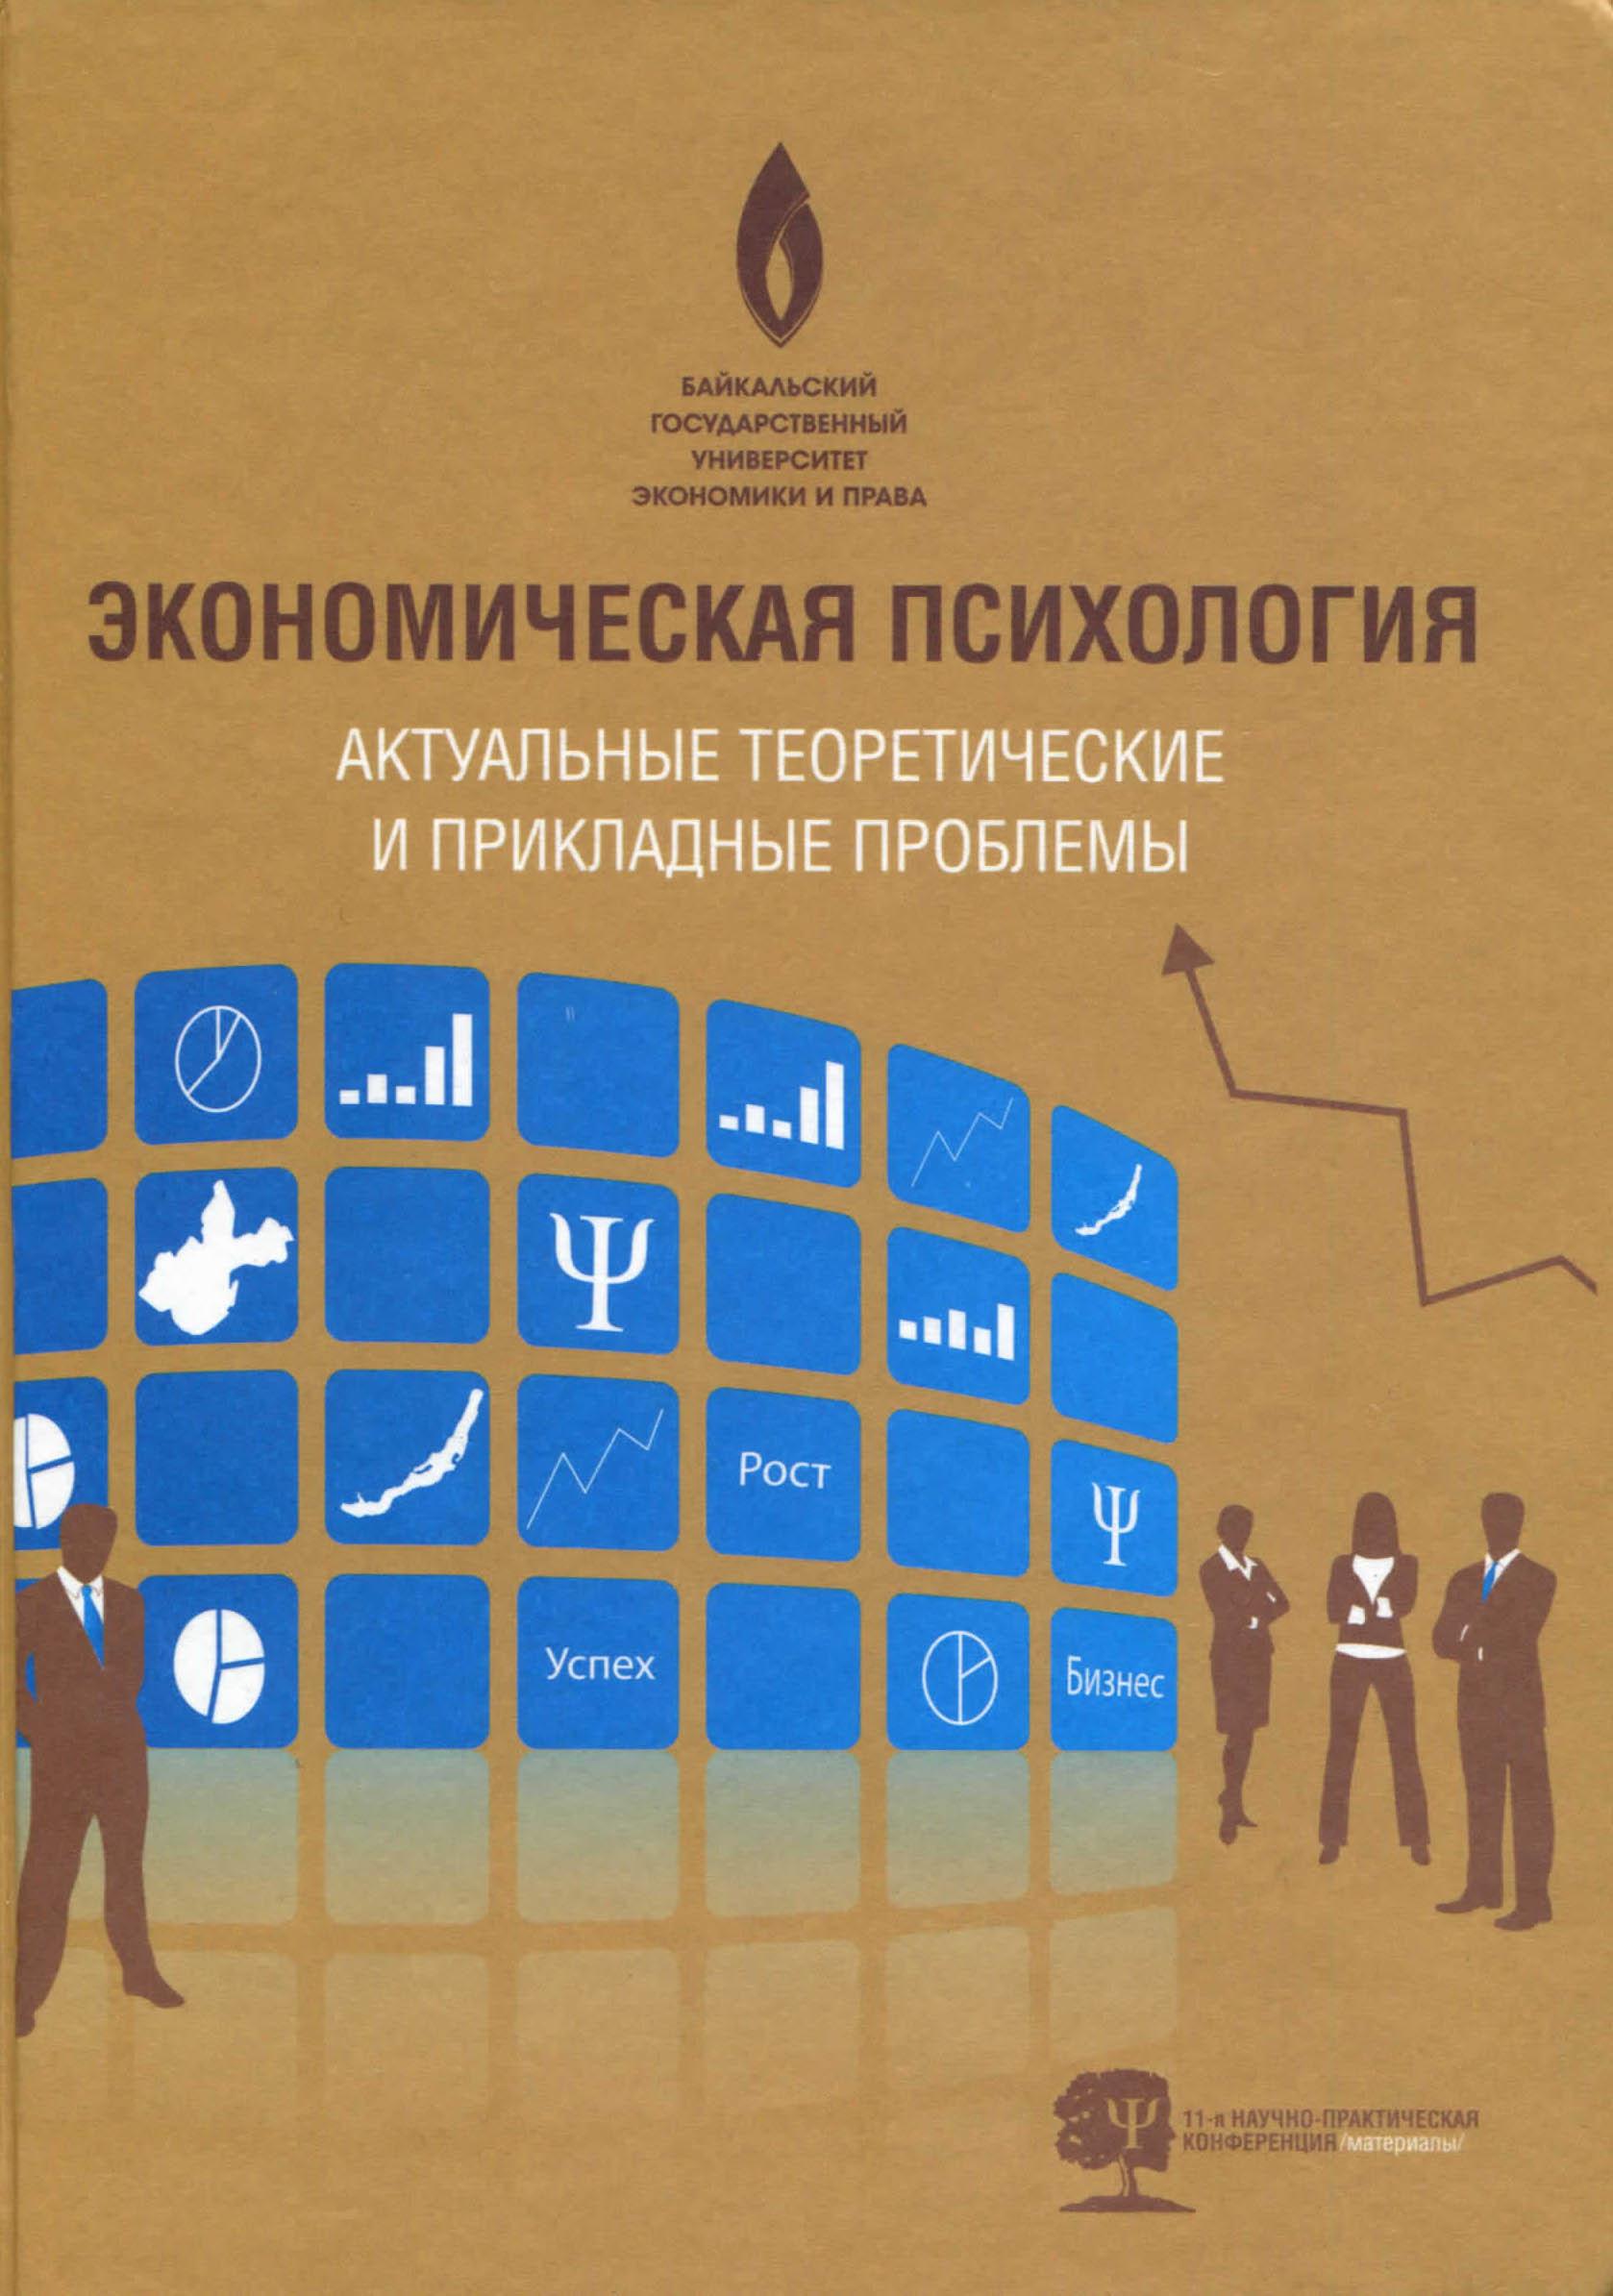 Экономическая психология: актуальные теоретические и прикладные проблемы: материалы 11 международной научно-практической конференции, 2010